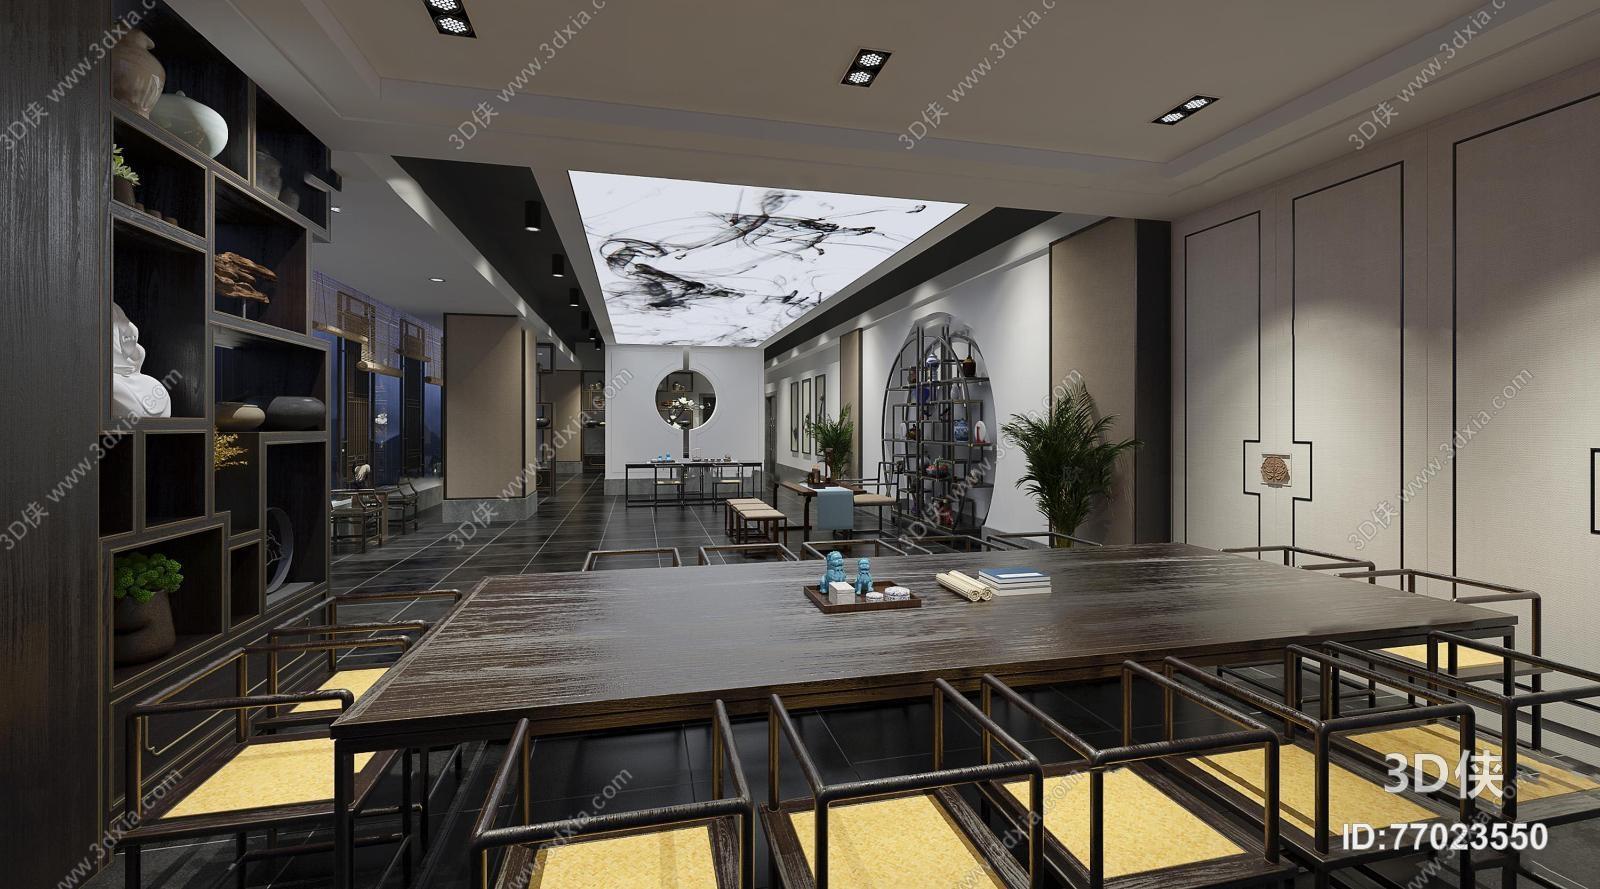 办公空间效果图素材免费下载,本作品主题是新中式总经理办公室茶室